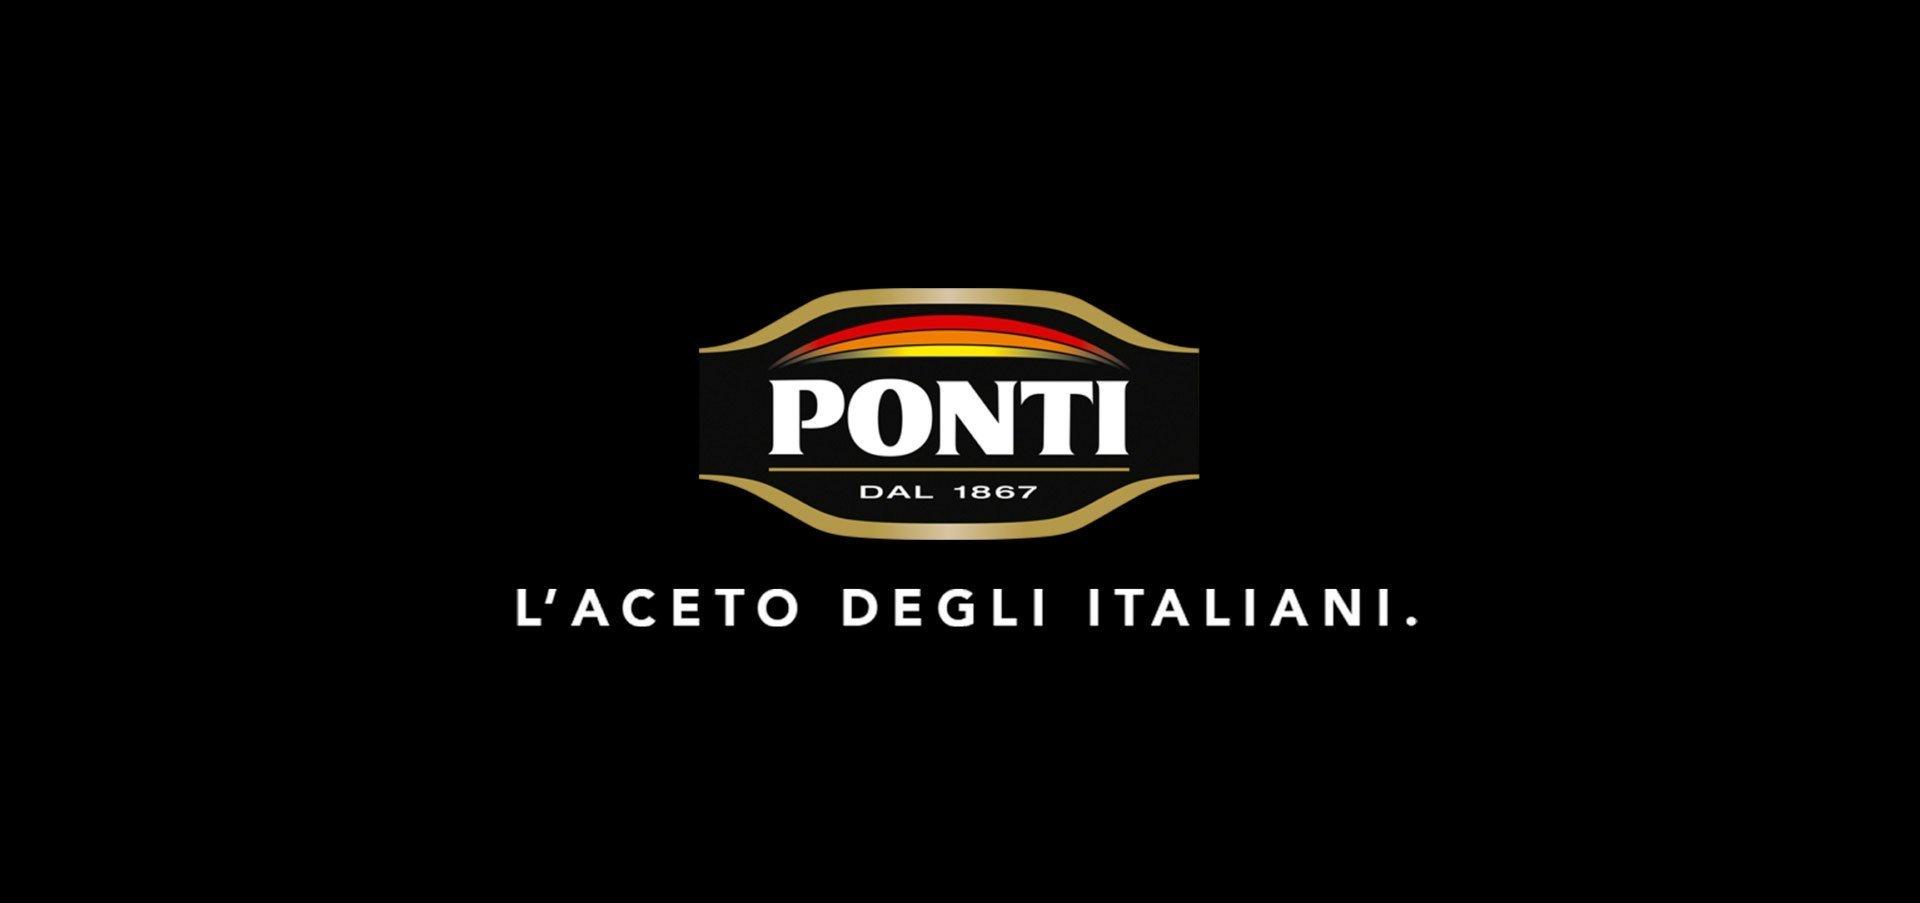 Intervista a Giacomo Ponti